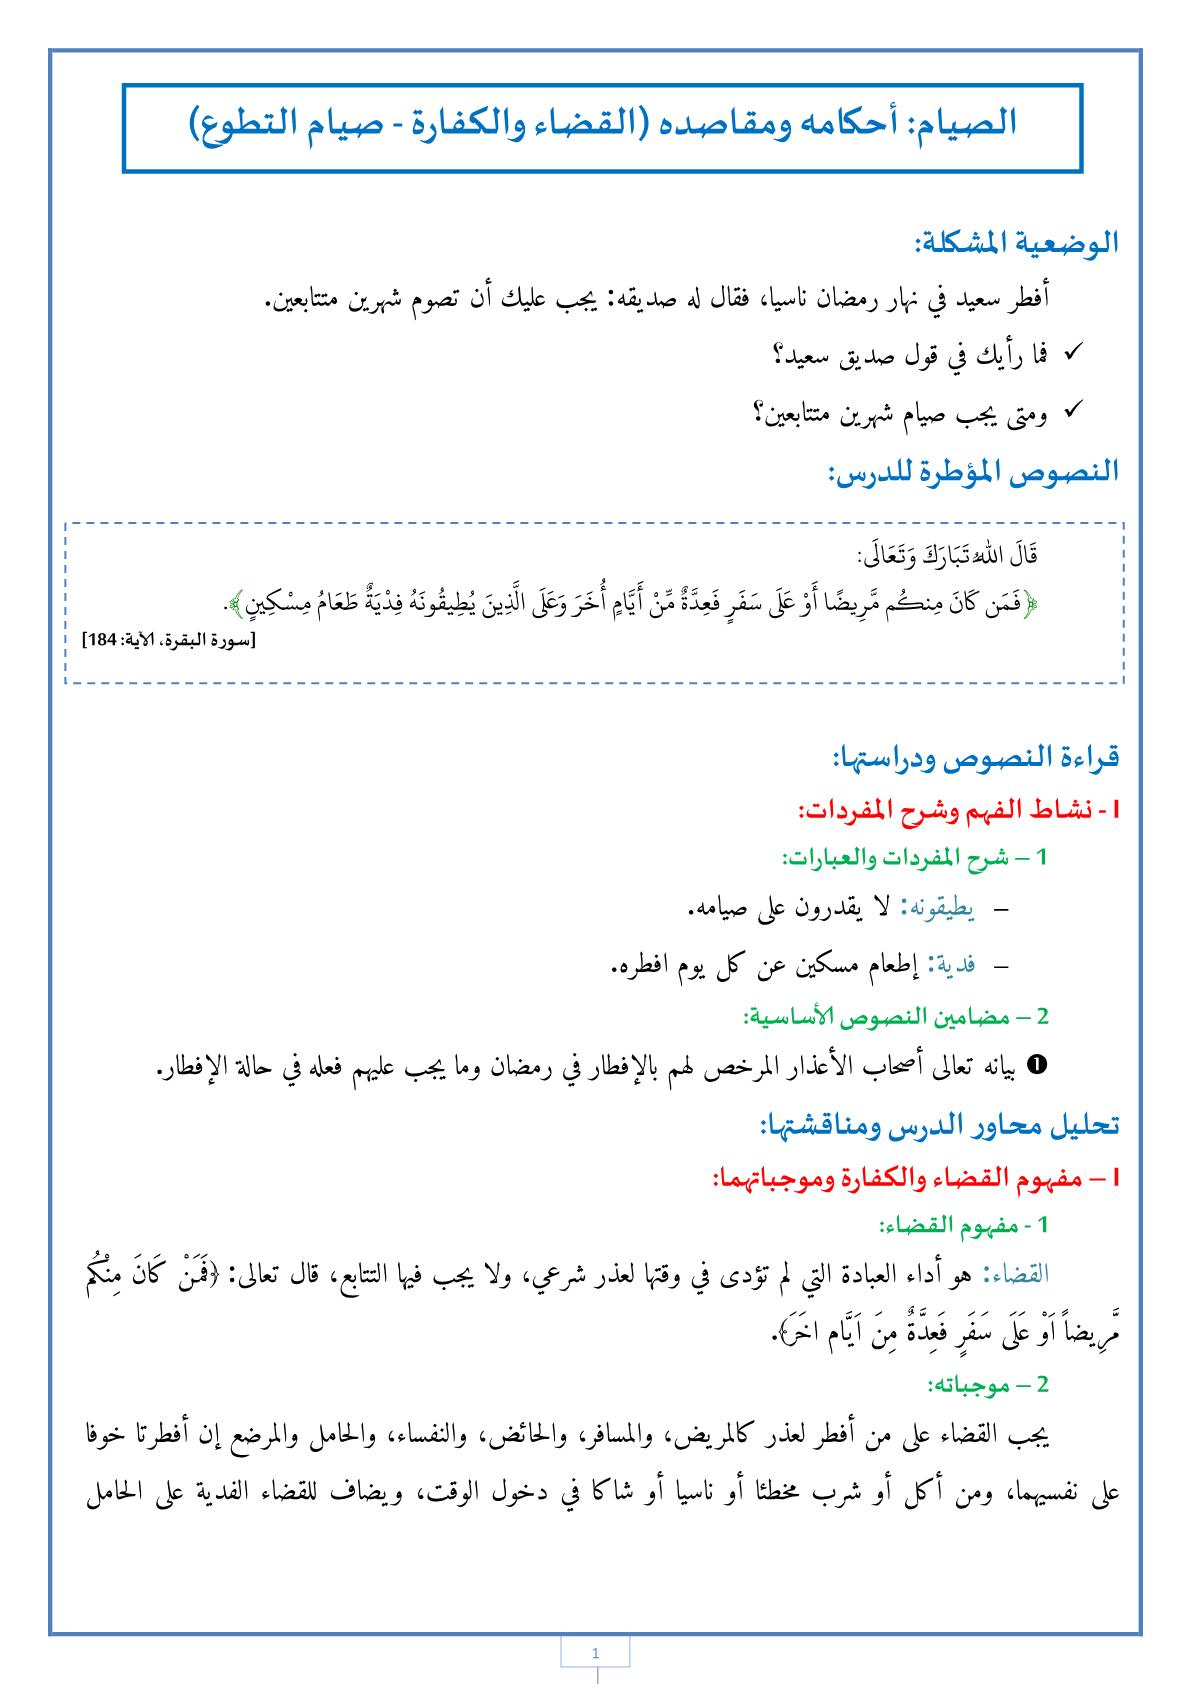 الصيام أحكامه ومقاصده: القضاء والكفارة صيام التطوع للسنة الثانية إعدادي